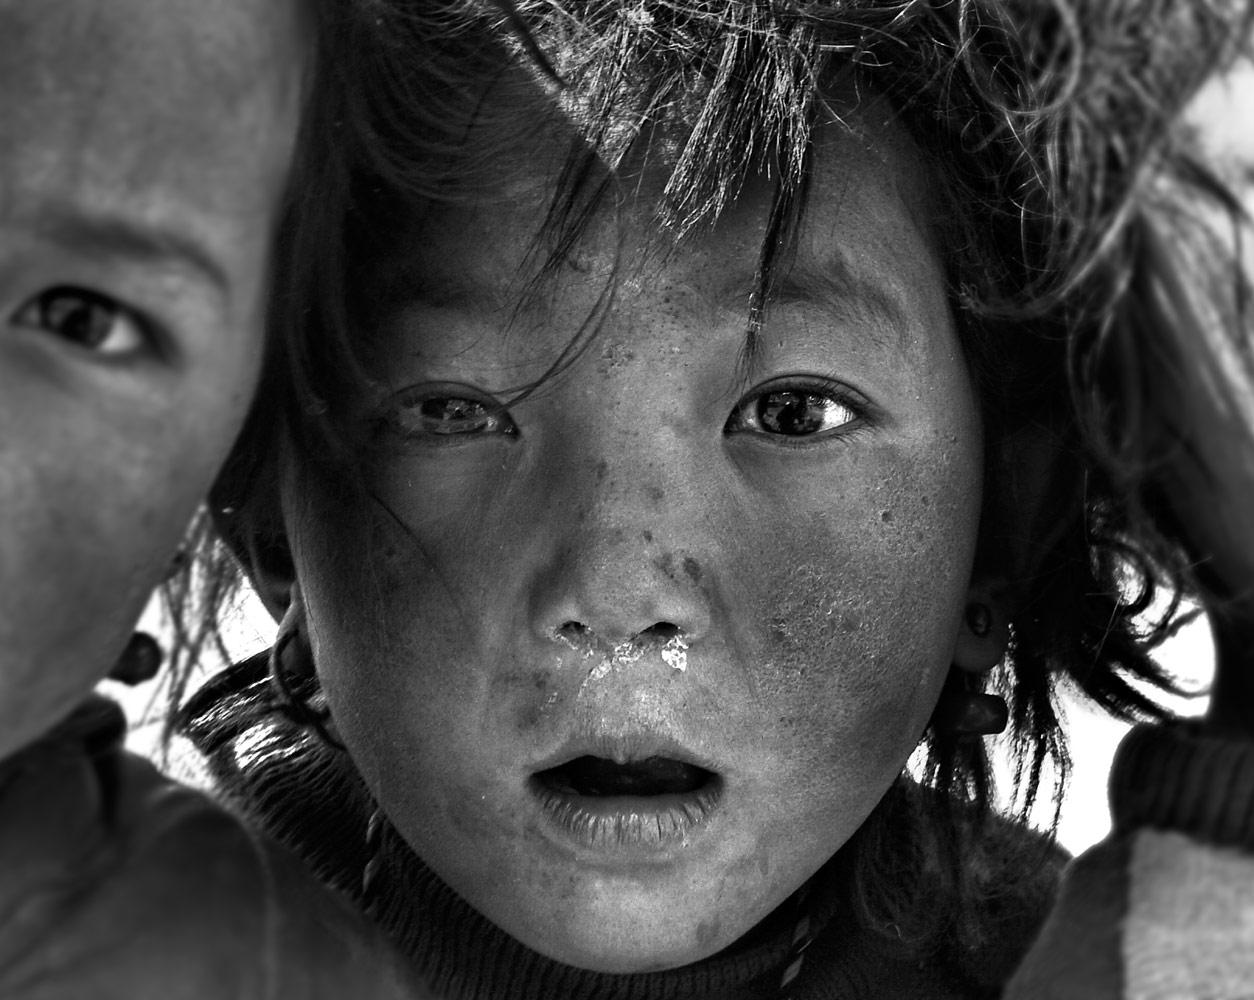 © Хавьер Камачо, Победитель I премии Халона Анхеля 2015 года в жанре «Портрет», Конкурс фотографий Халона Анхеля — Jalon Angel Photography Awards